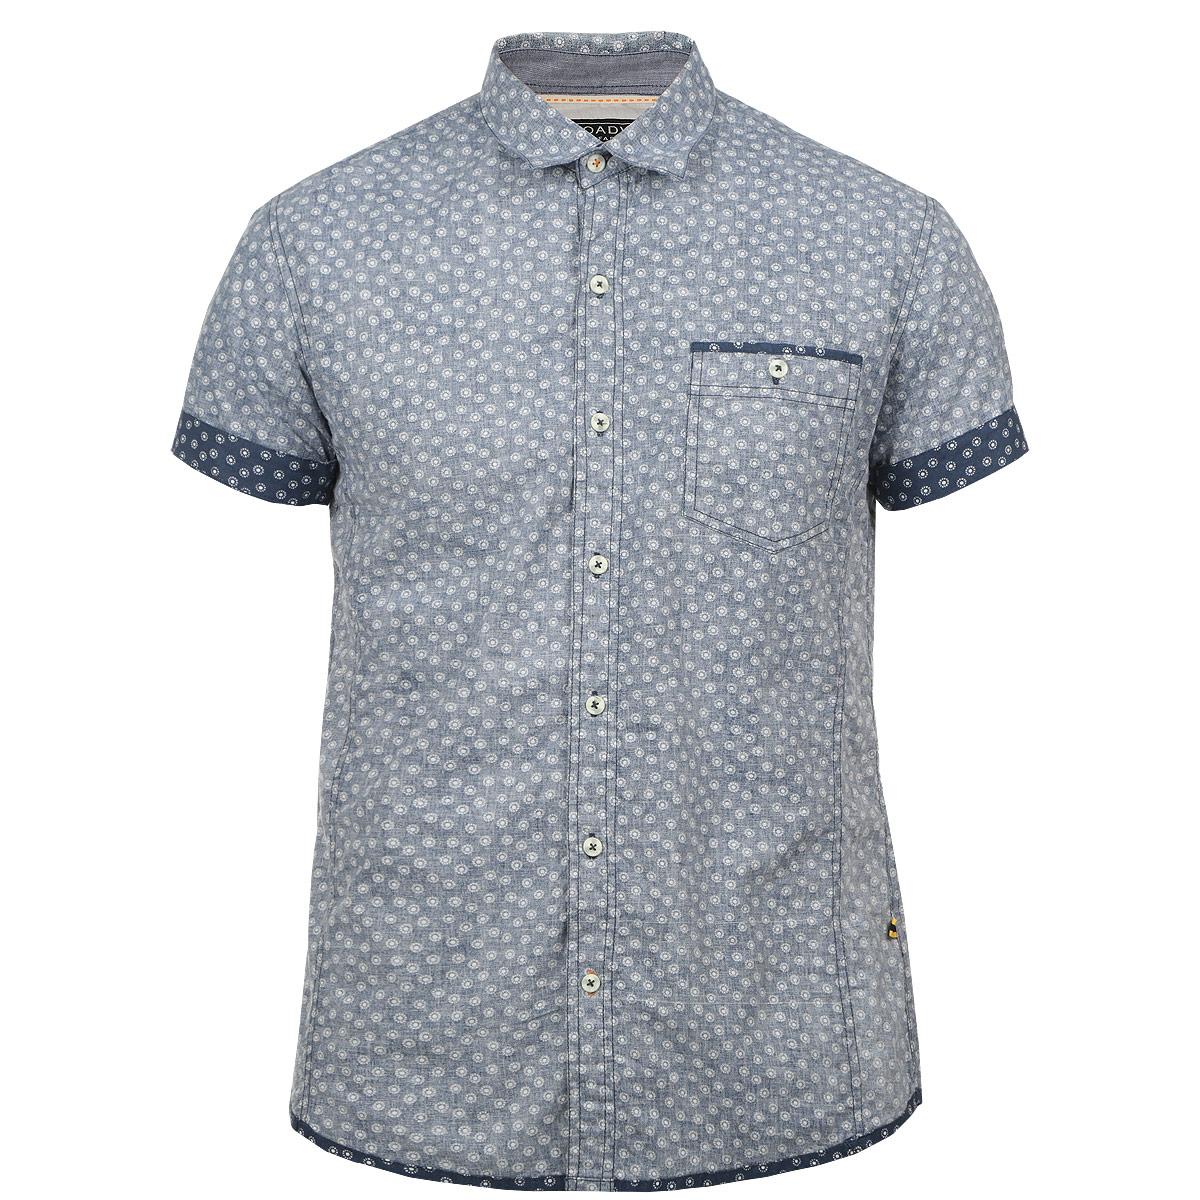 Рубашка10152560 51AОтличная мужская рубашка Broadway с принтом, выполненная из хлопка, обладает высокой теплопроводностью, воздухопроницаемостью и гигроскопичностью, позволяет коже дышать, тем самым обеспечивая наибольший комфорт при носке даже самым жарким летом. Рубашка приталенного кроя с короткими рукавами, полукруглым низом, отложным воротником застегивается на пуговицы. Рубашка дополнена на груди накладным карманом на пуговице. Такая рубашка будет дарить вам комфорт в течение всего дня и послужит замечательным дополнением к вашему летнему гардеробу.